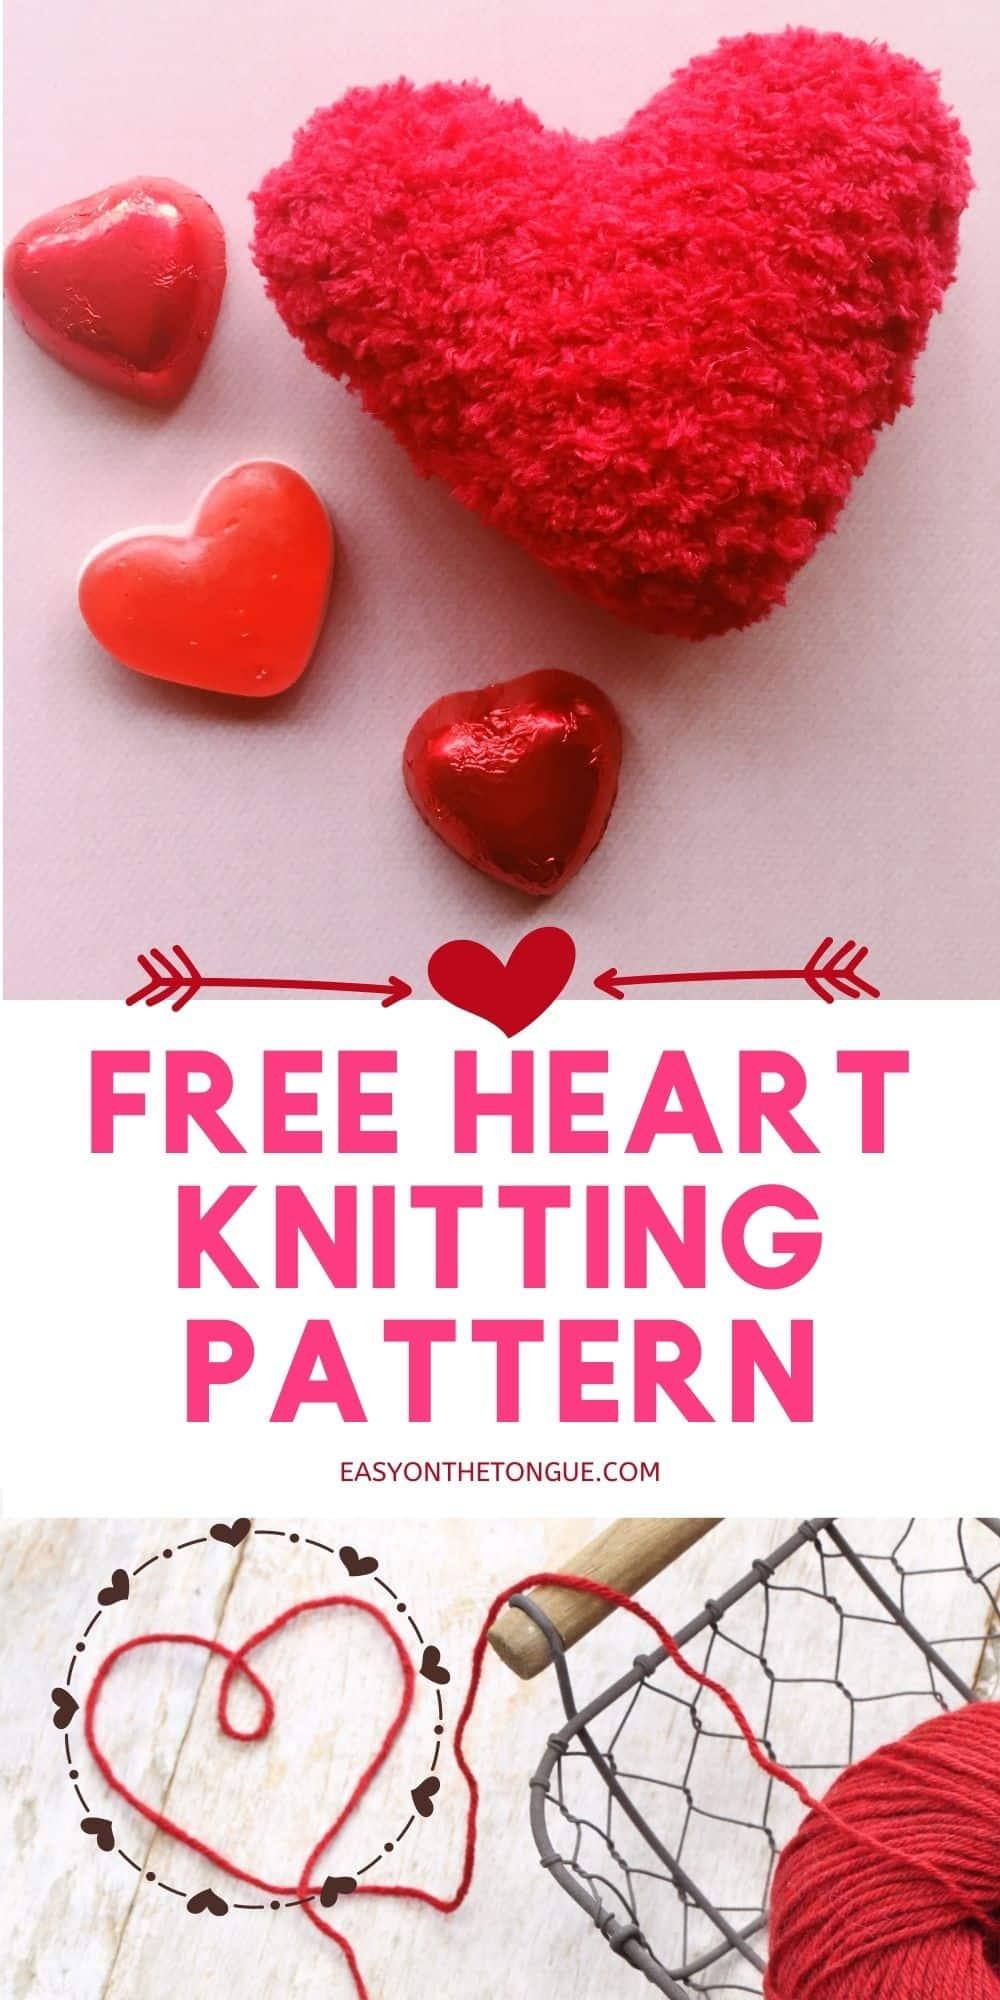 Patrón de tejido de corazón gratuito en easyonthetongue.com Cómo tejer un corazón, patrón de tejido gratuito